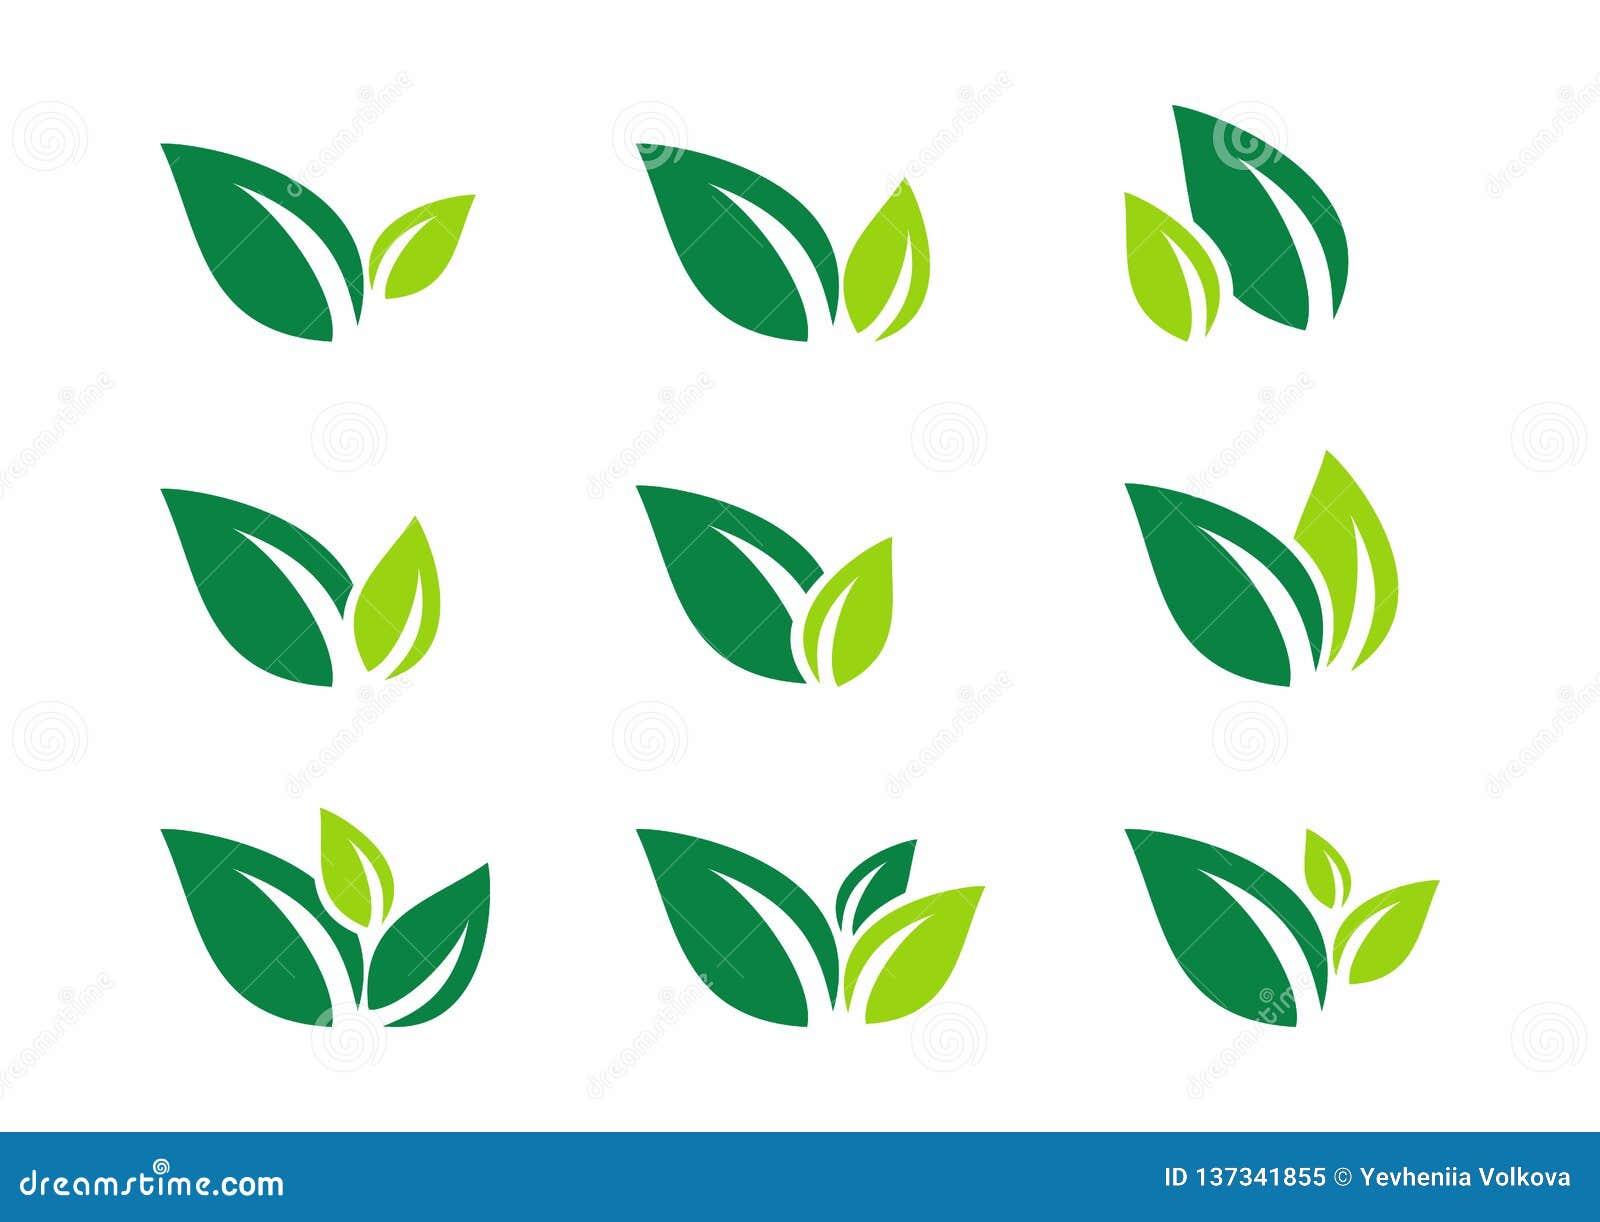 Folha, planta, logotipo, ecologia, bem-estar, verde, folhas, grupo do ícone do símbolo da natureza de projetos do vetor